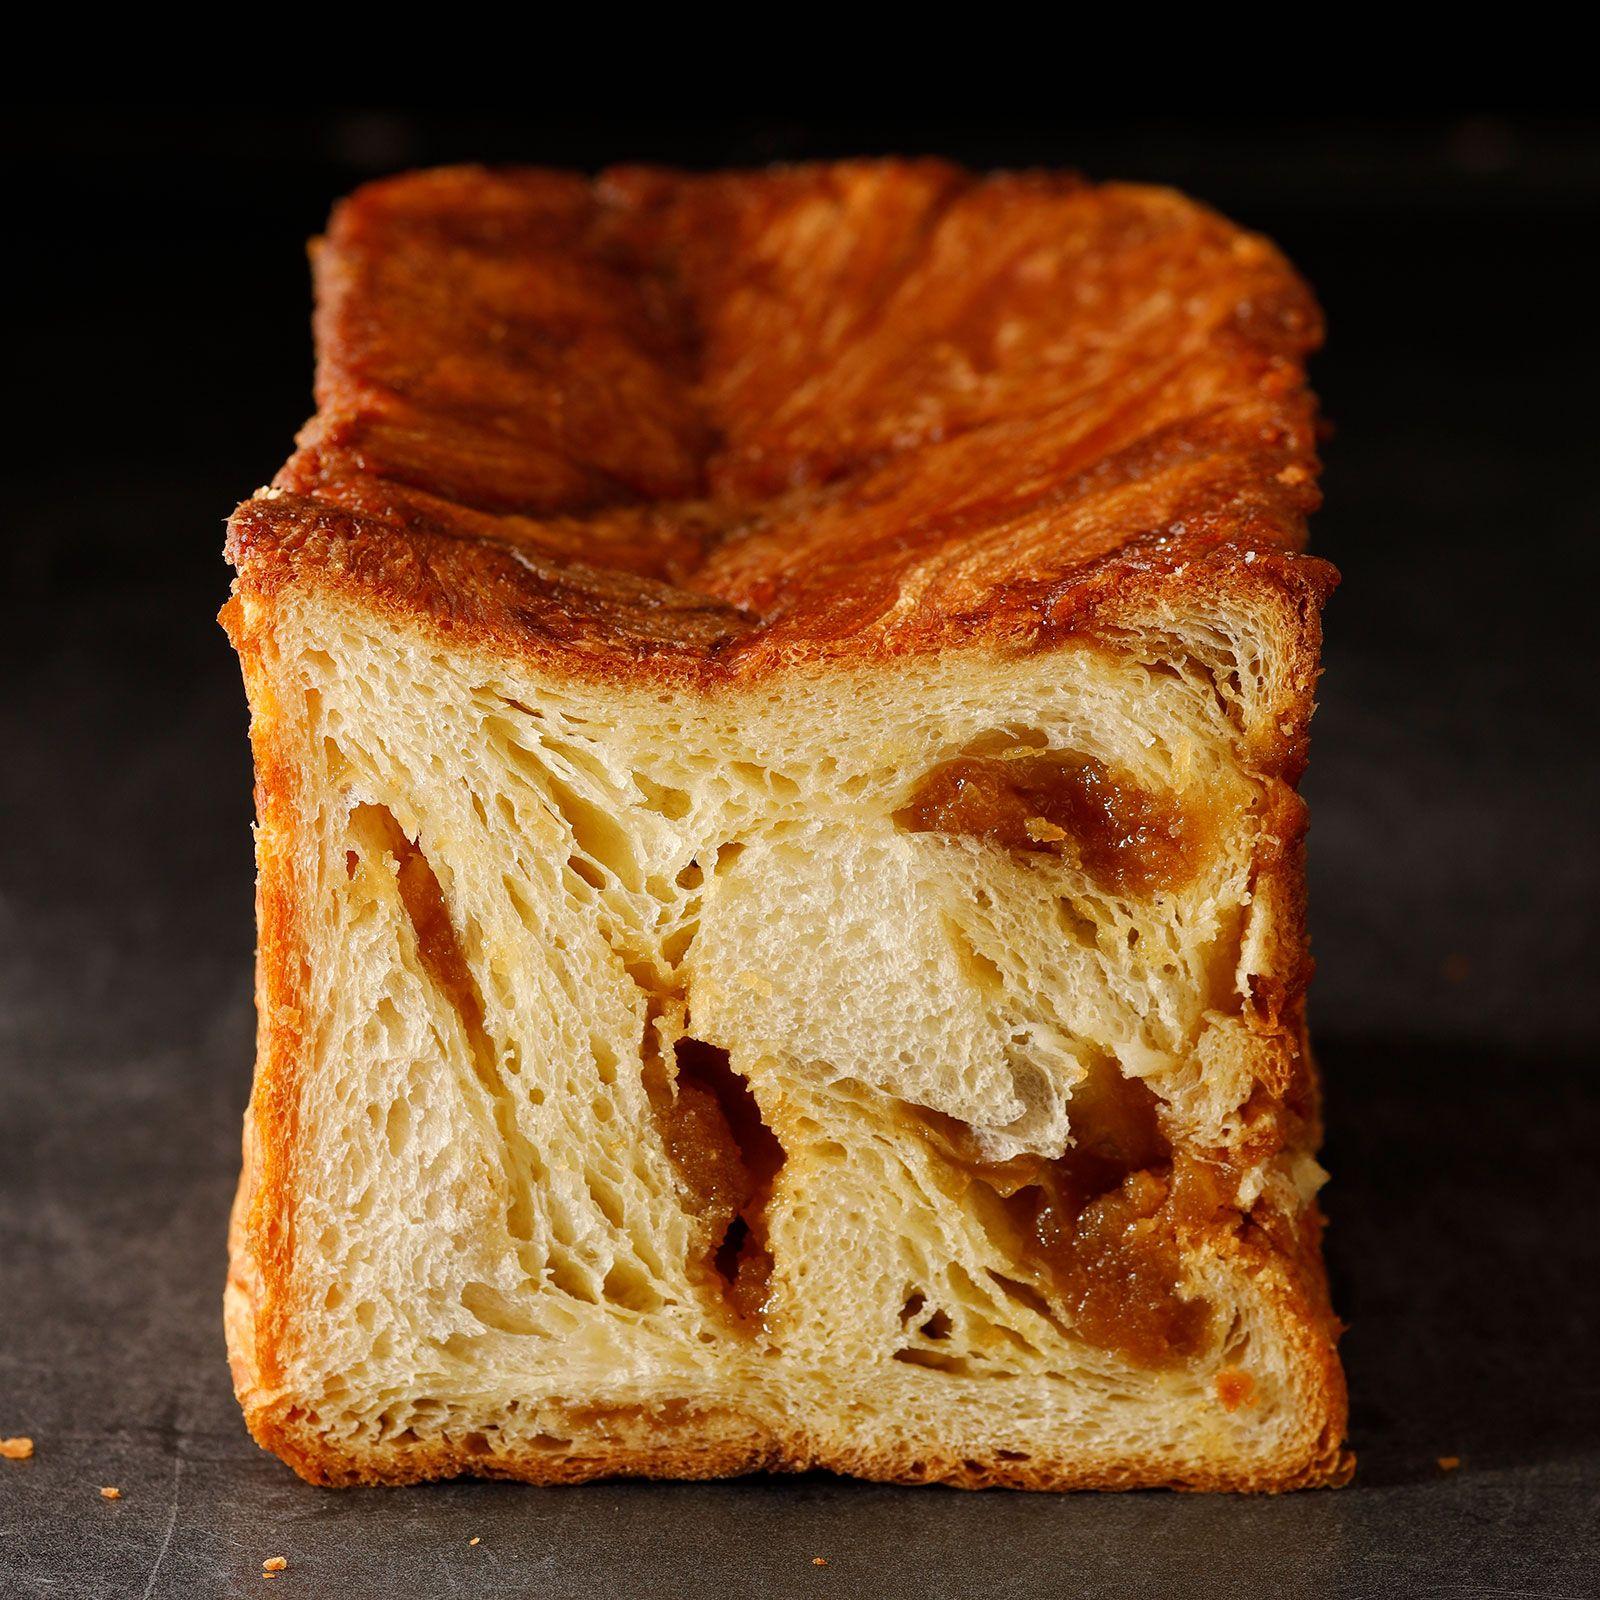 メープルシュガーをたっぷりと巻き込んだ上品な甘さと風味が広がるメープルデニッシュ